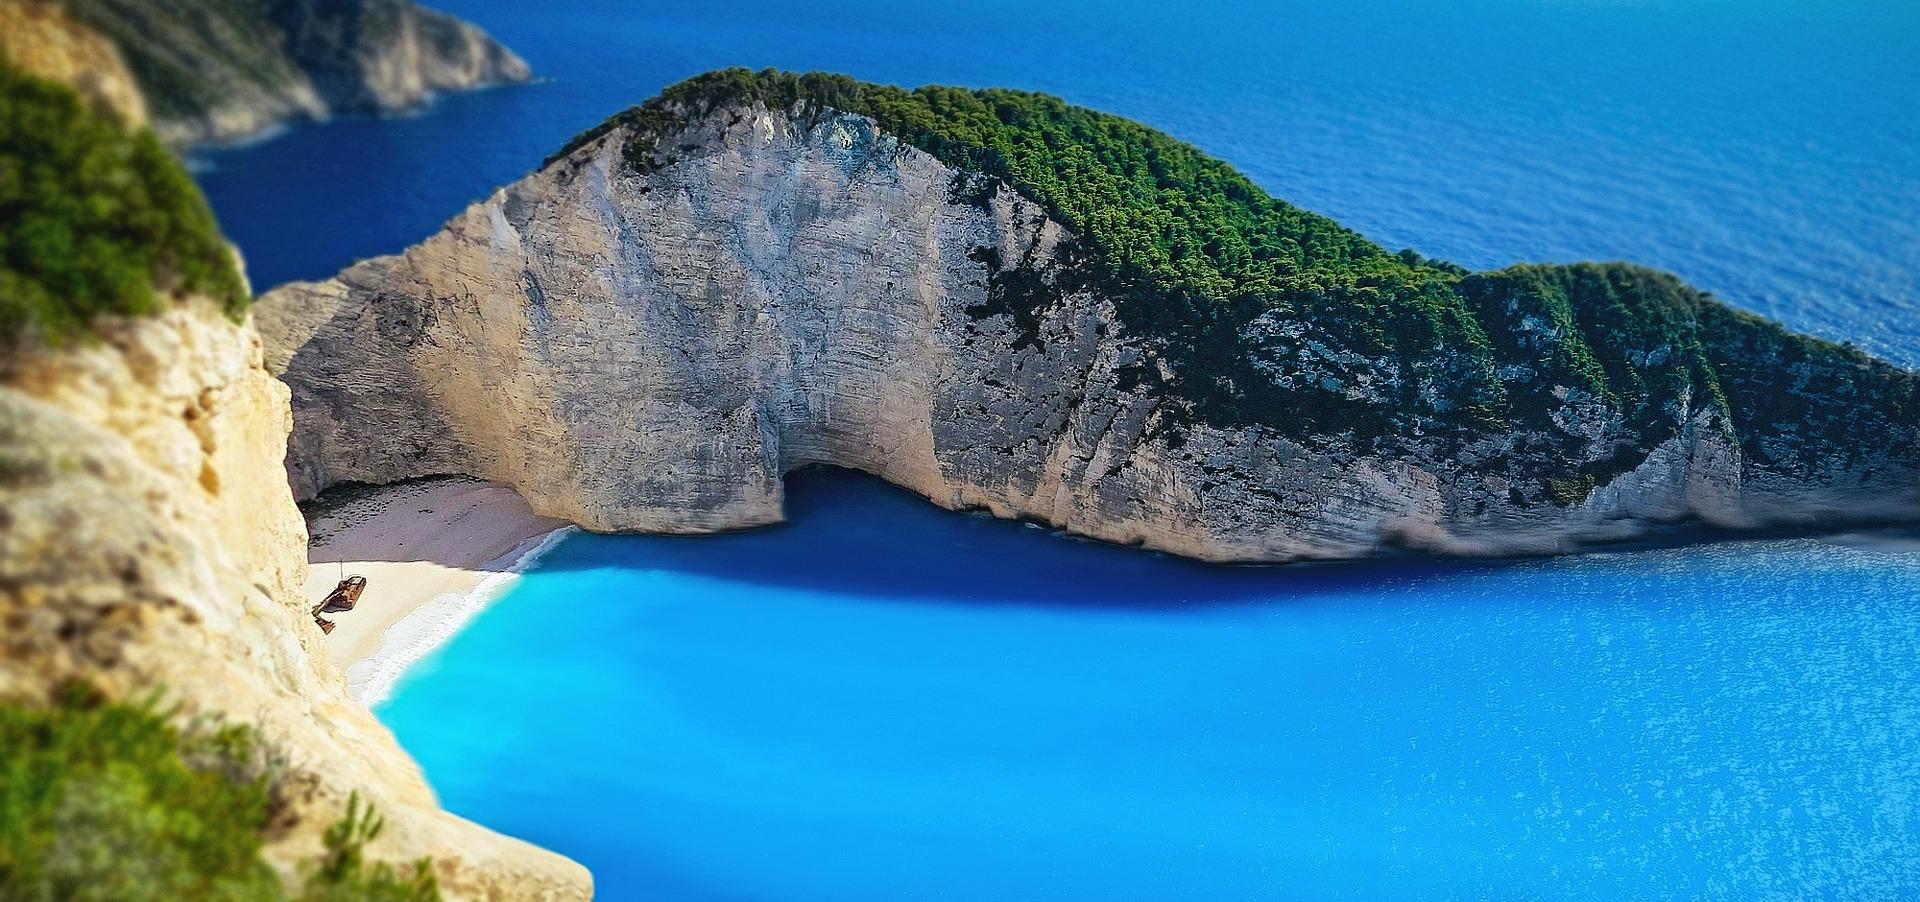 Griechische Inseln Reise Deals & die beste Reisezeit im Überblick